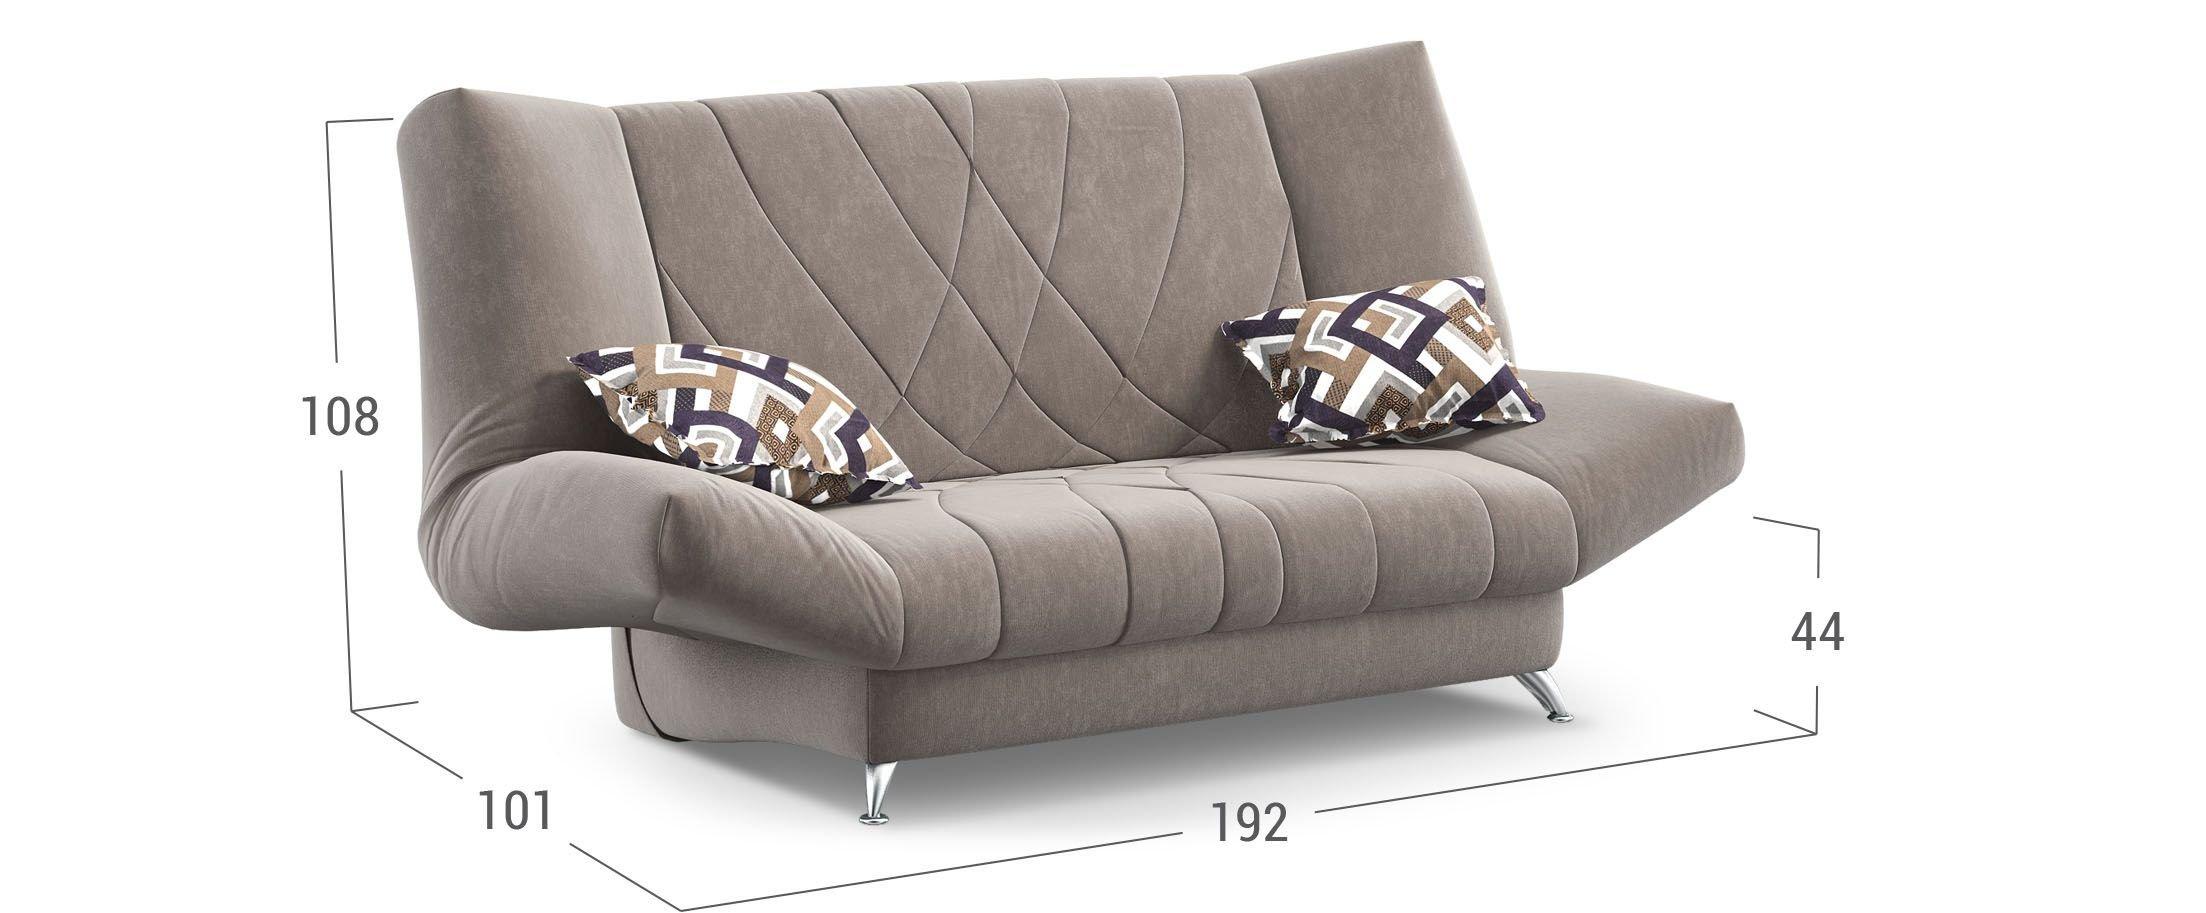 диван прямой клик кляк коричневый санта Next 036 купить в москве в